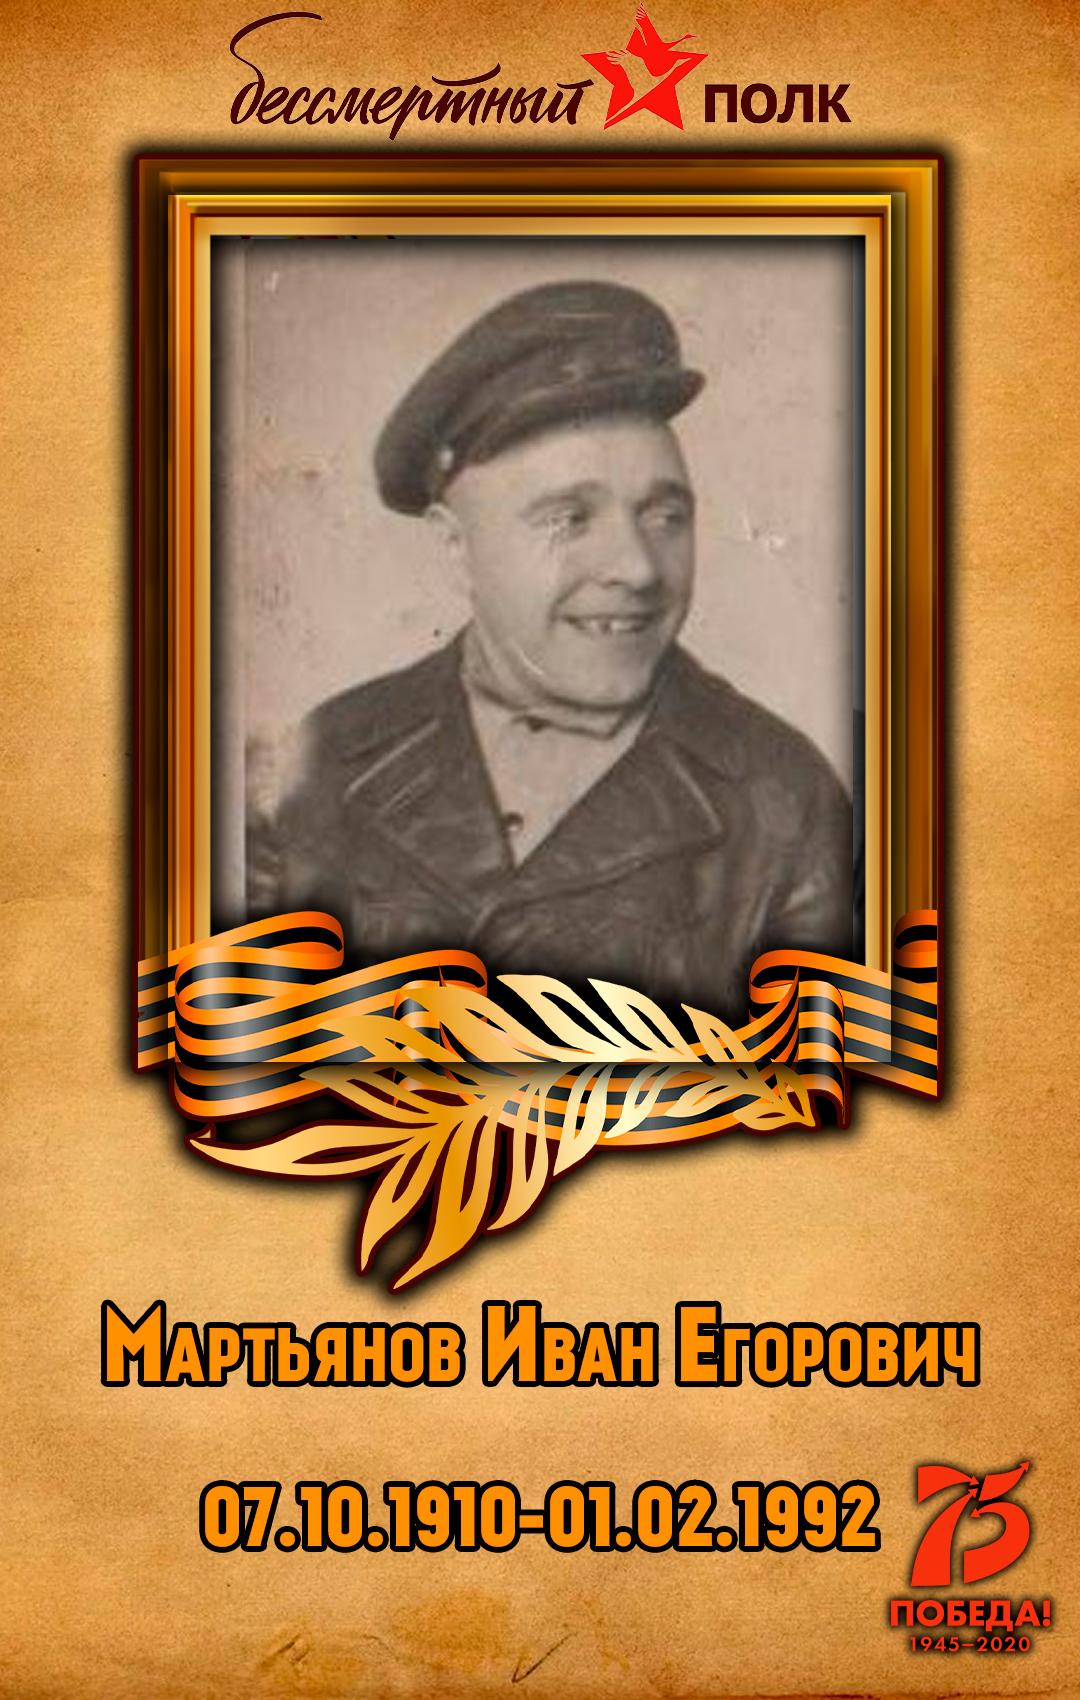 Мартьянов-Иван-Егорович